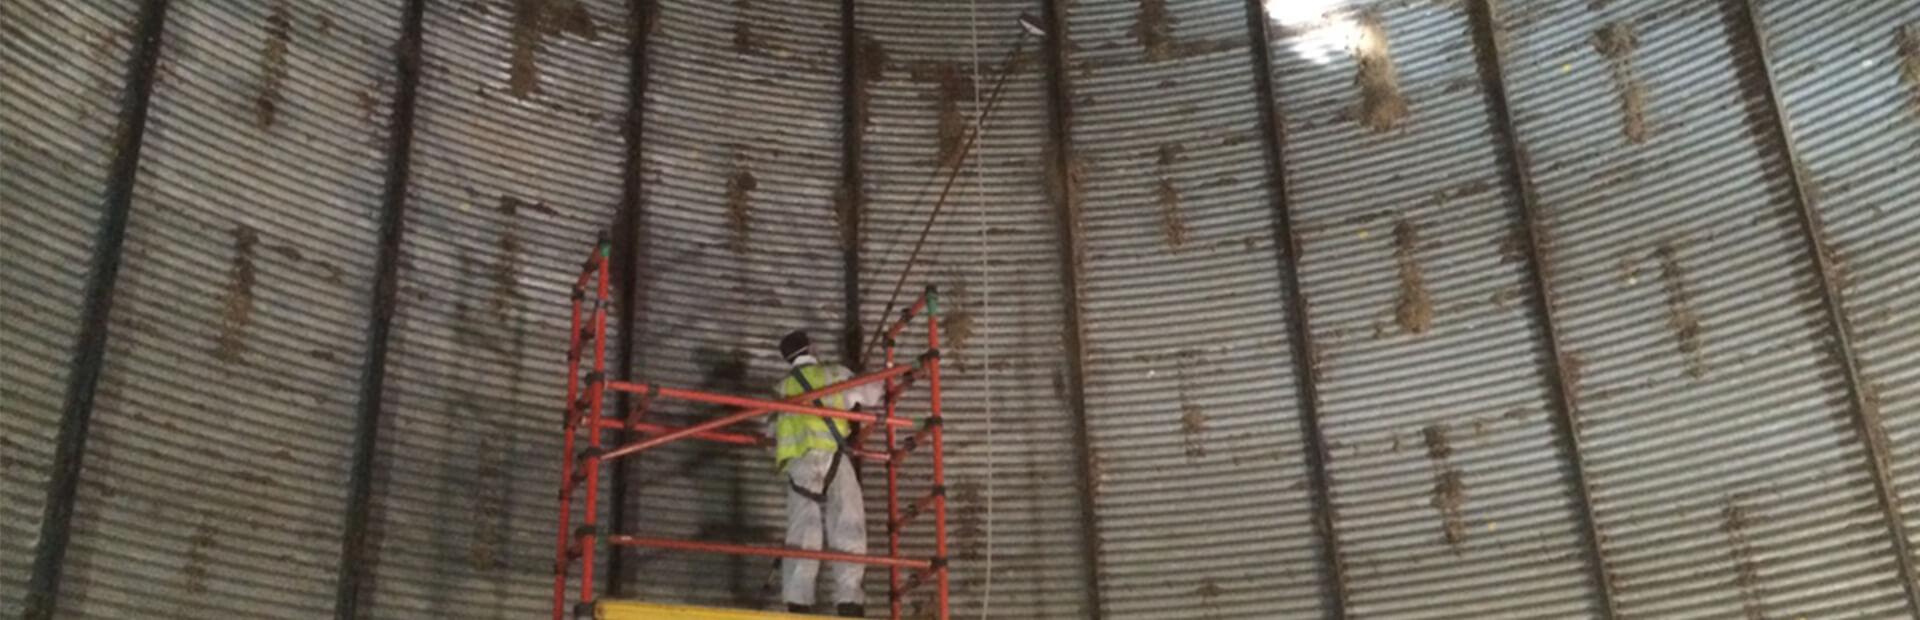 silo temizliği, silo temizleme, silo temizliği nasıl yapılır, sonic silo temizleme, çelik silo temizliği, silo boşaltma sistemi, silo tank temizliği